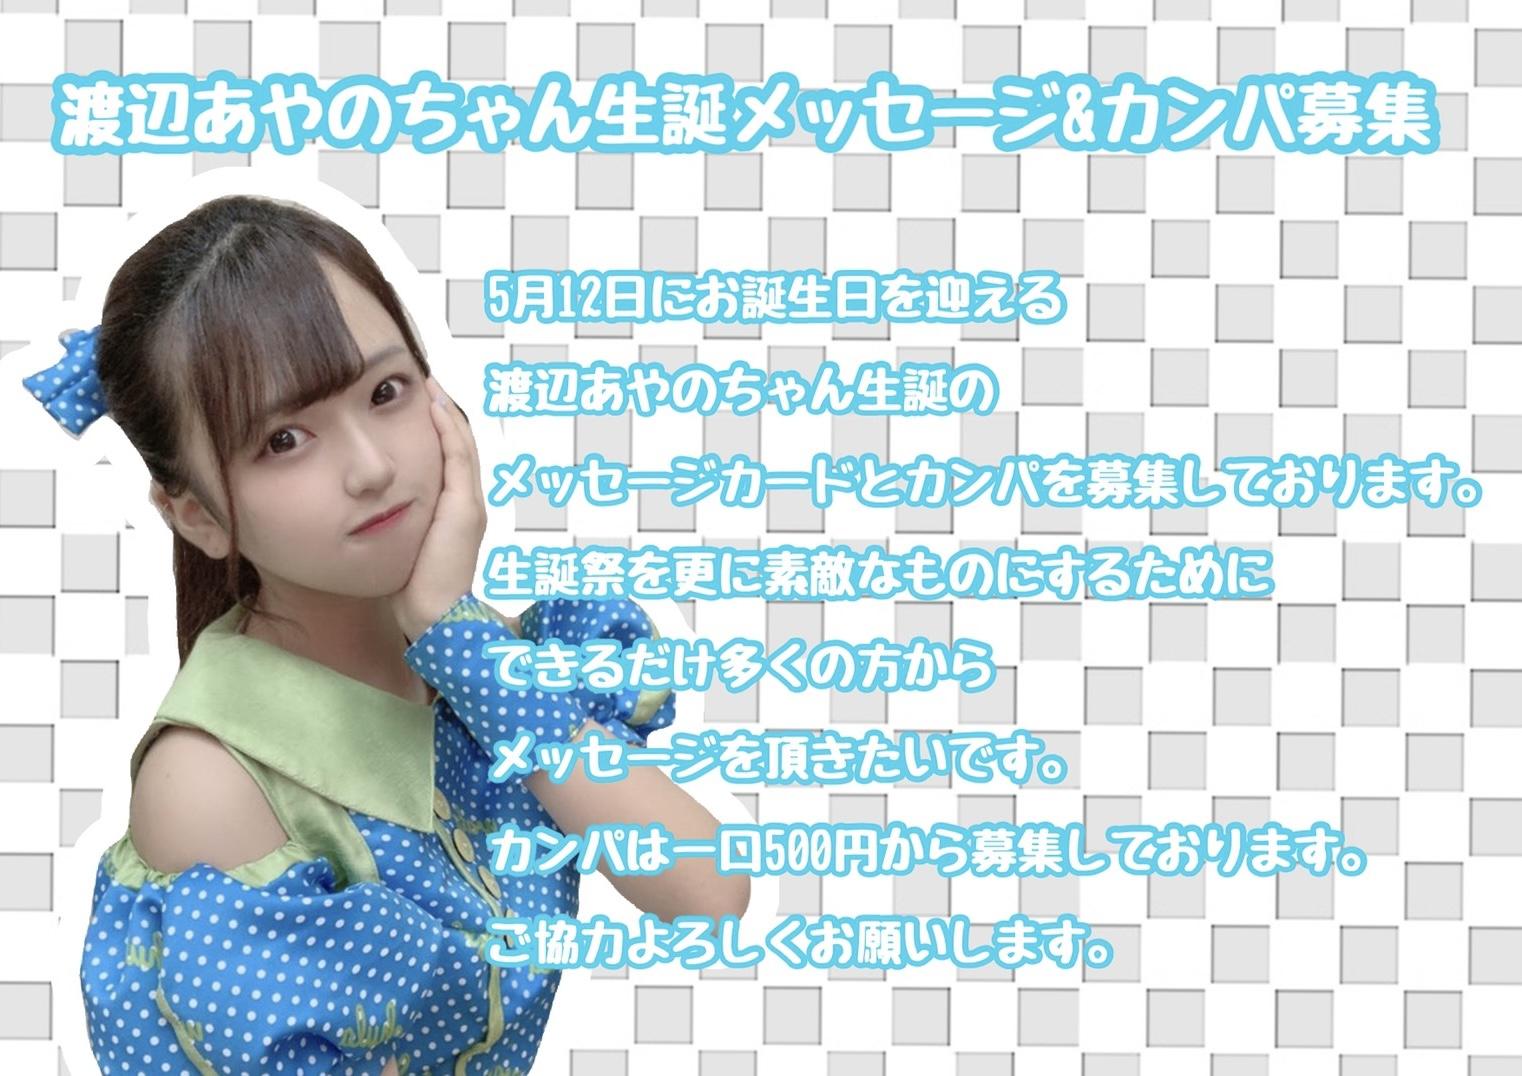 渡辺あやの生誕祭カンパ募集ページ